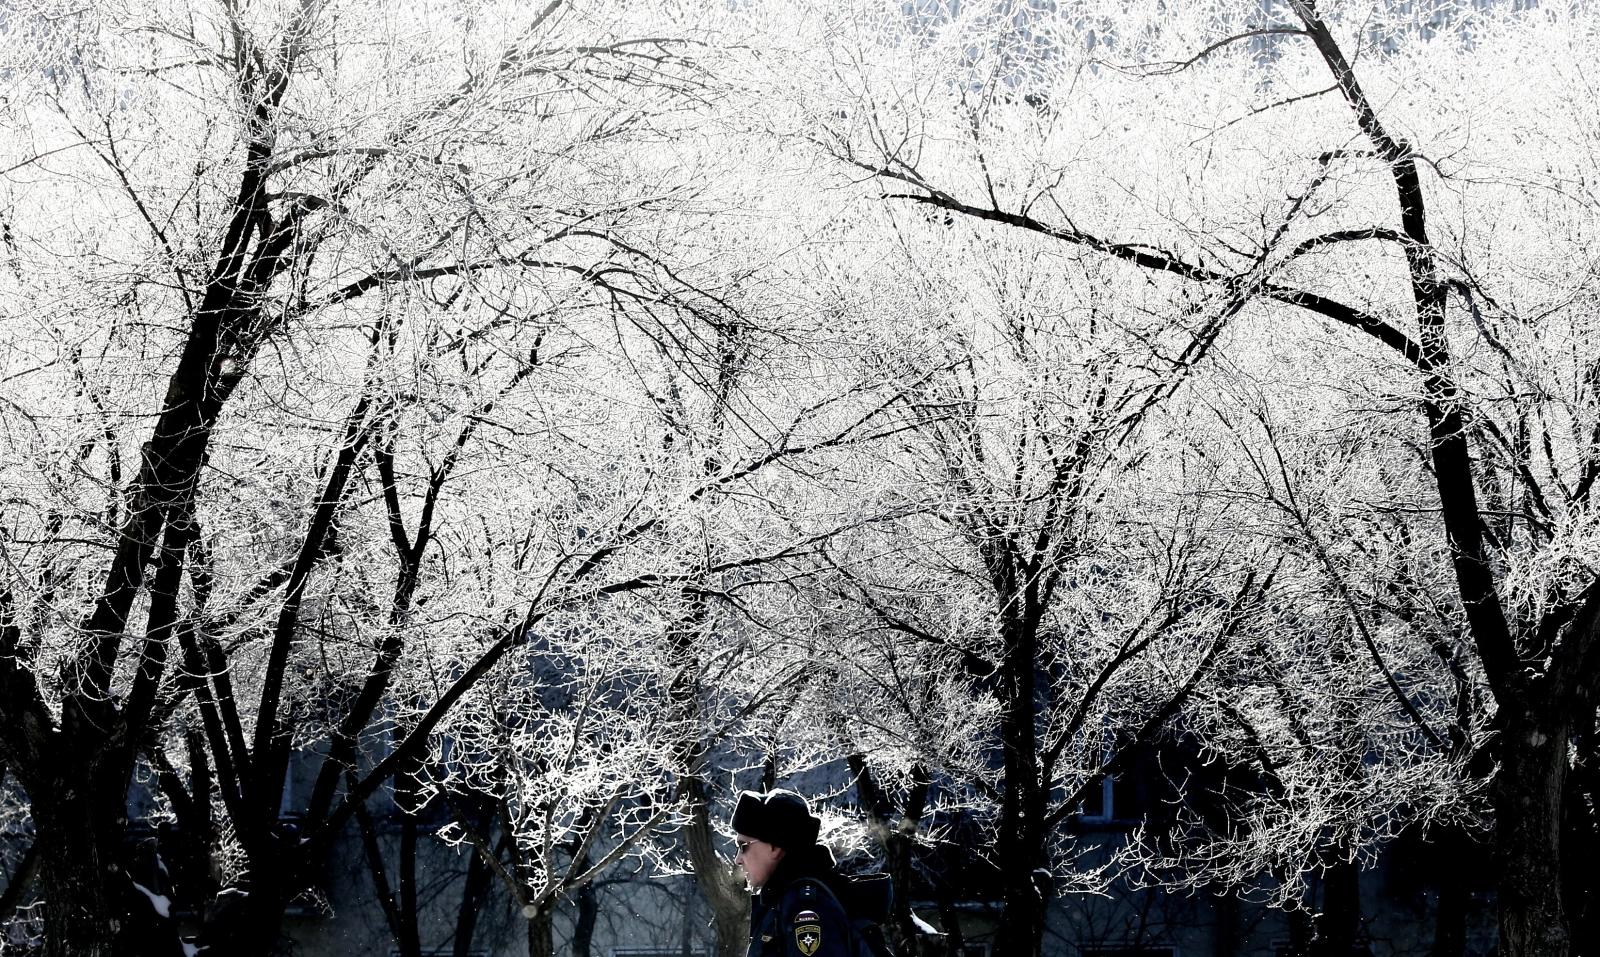 Ośnieżone drzewa w mieście Bajkonur, Kazachstan, fot. EPA/MAXIM SHIPENKOV